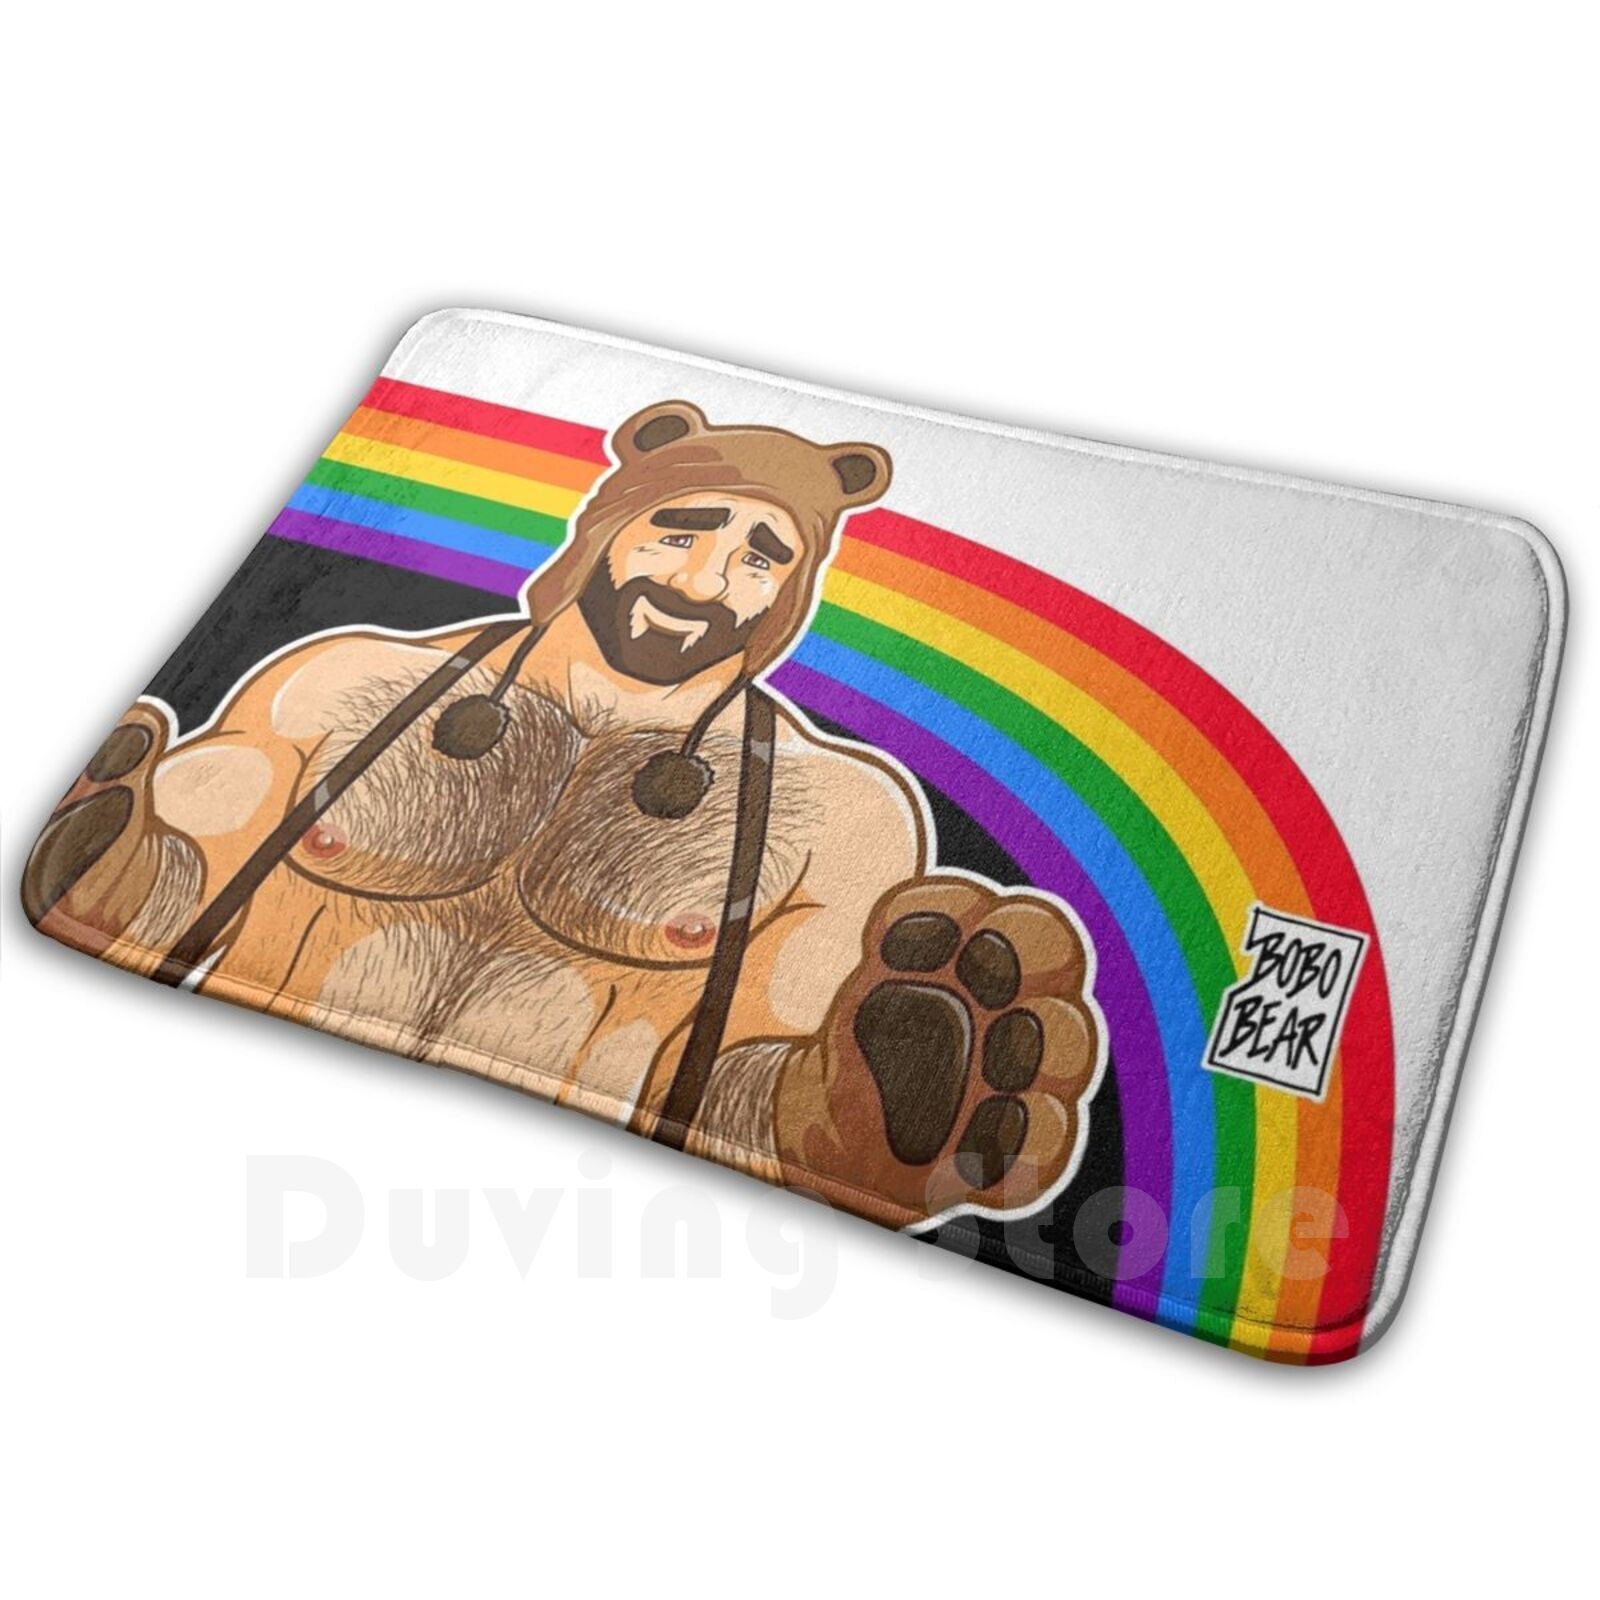 Adam Likes Hugs - Gay Pride Soft Non-Slip Mat Rug Carpet Cushion Bobobear Bobobearart Bobo Bear Bear Bear Week Bear